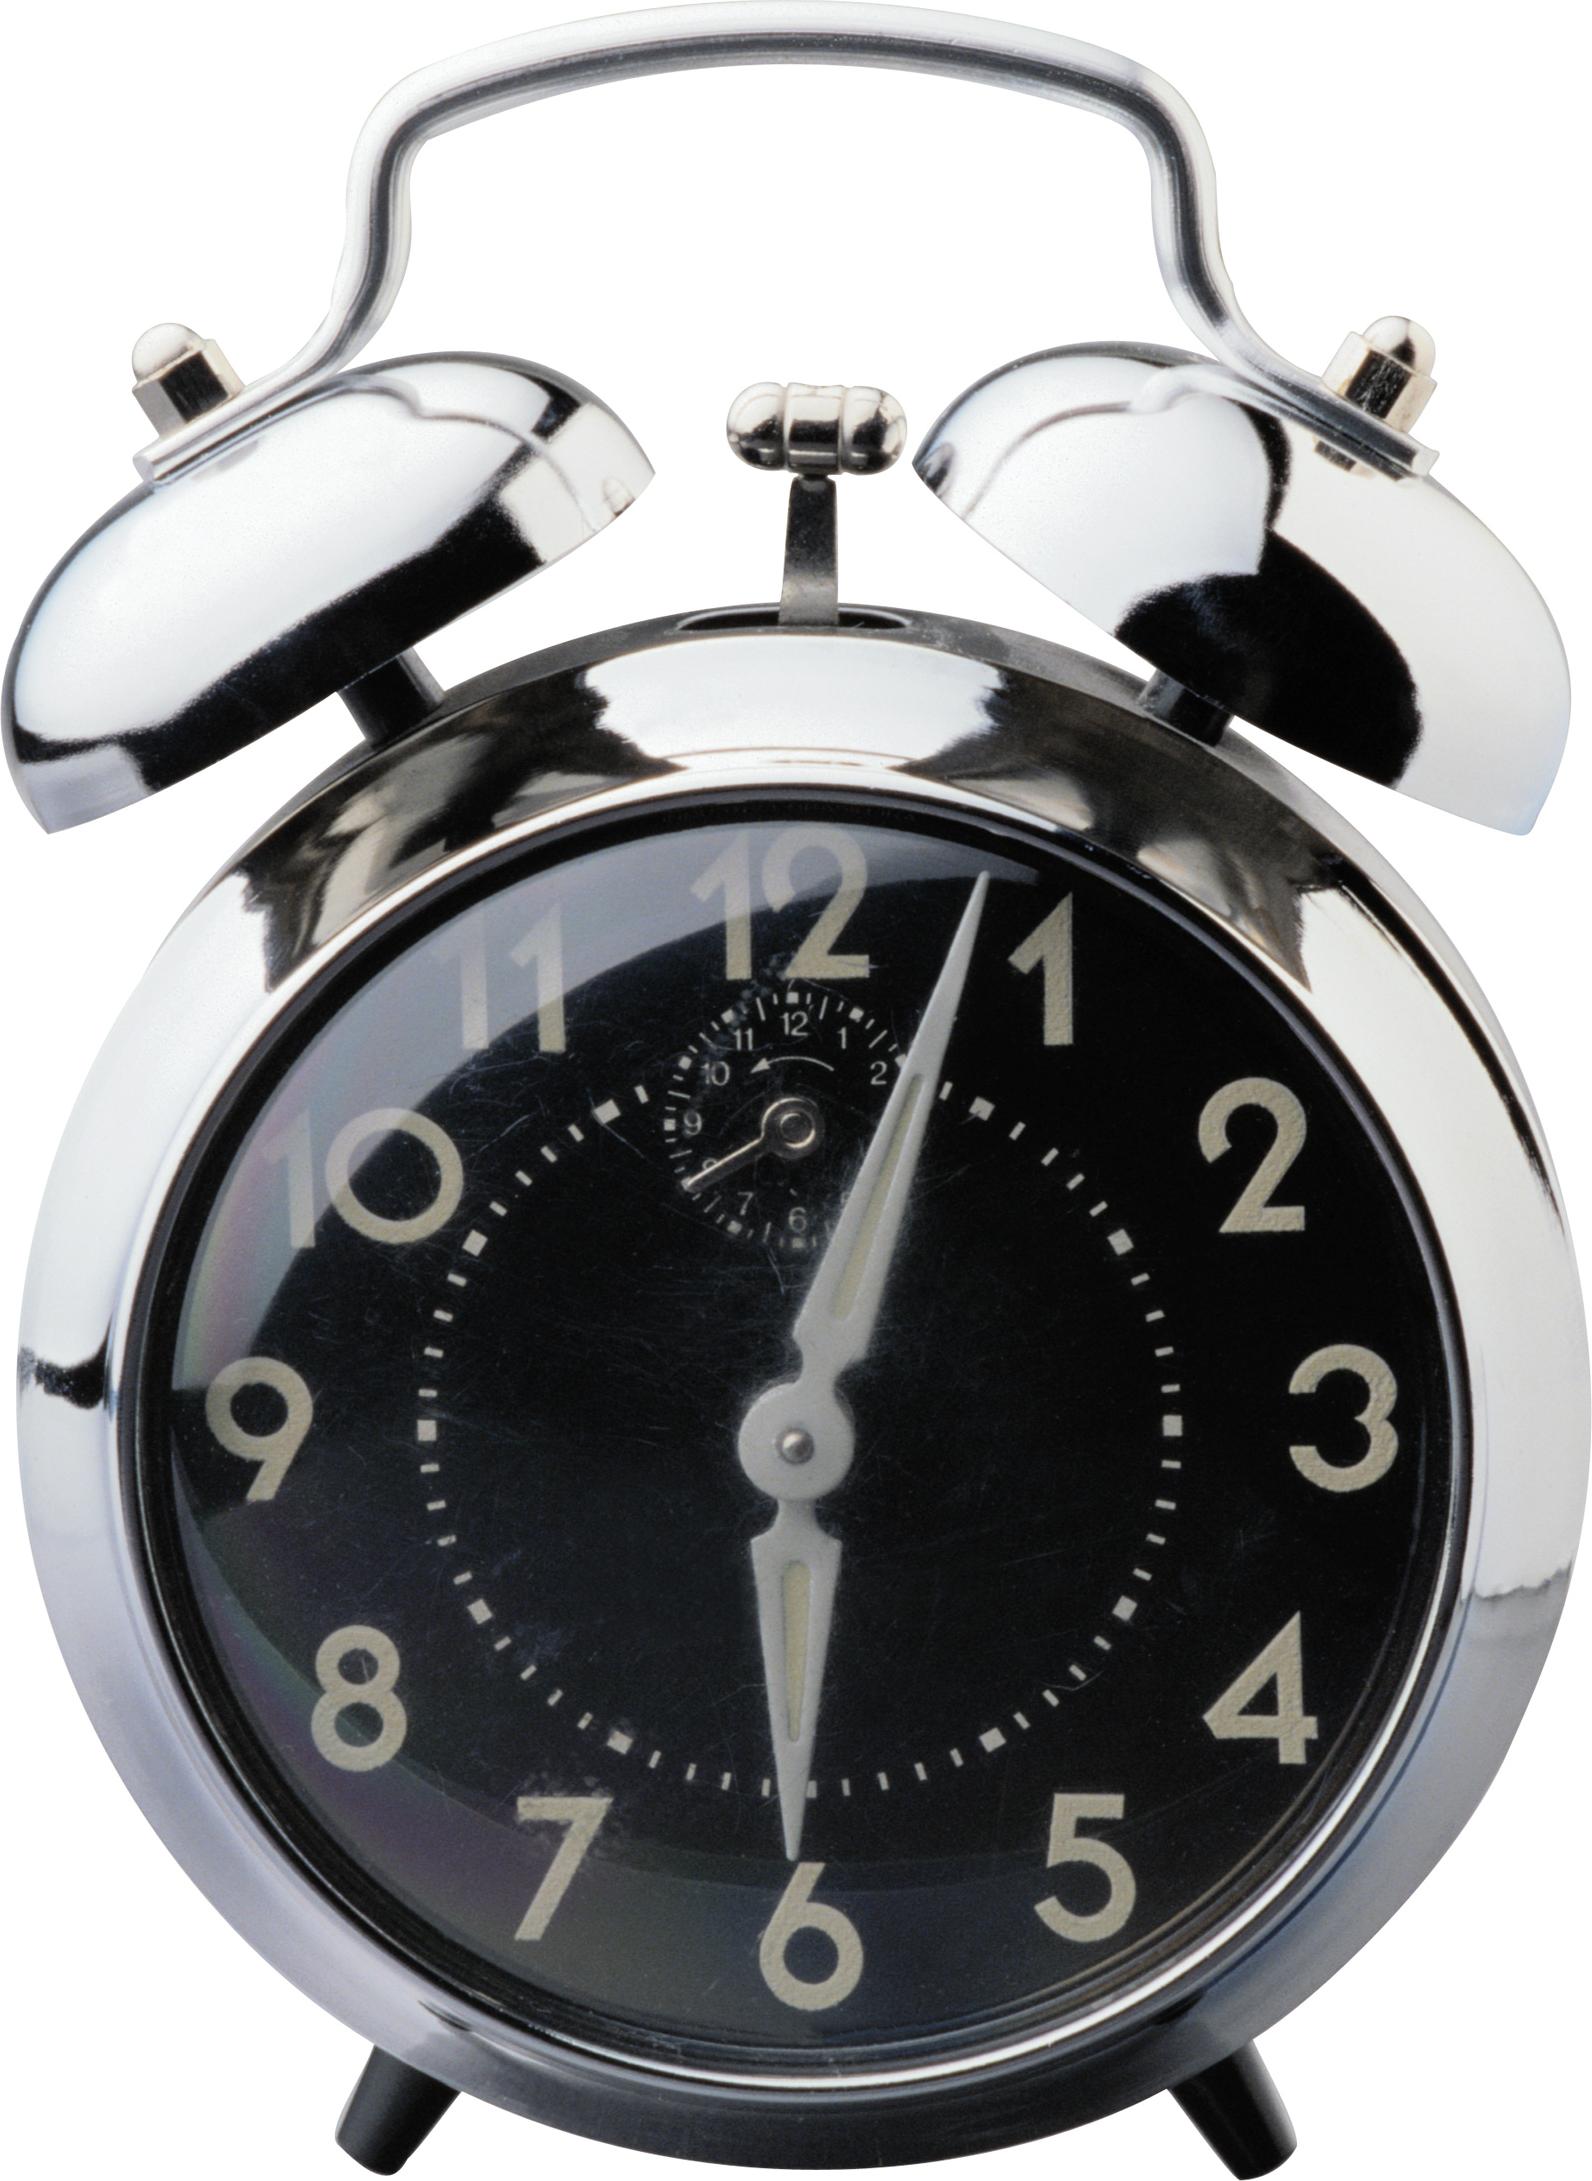 Best Alarm Clock App Iphone